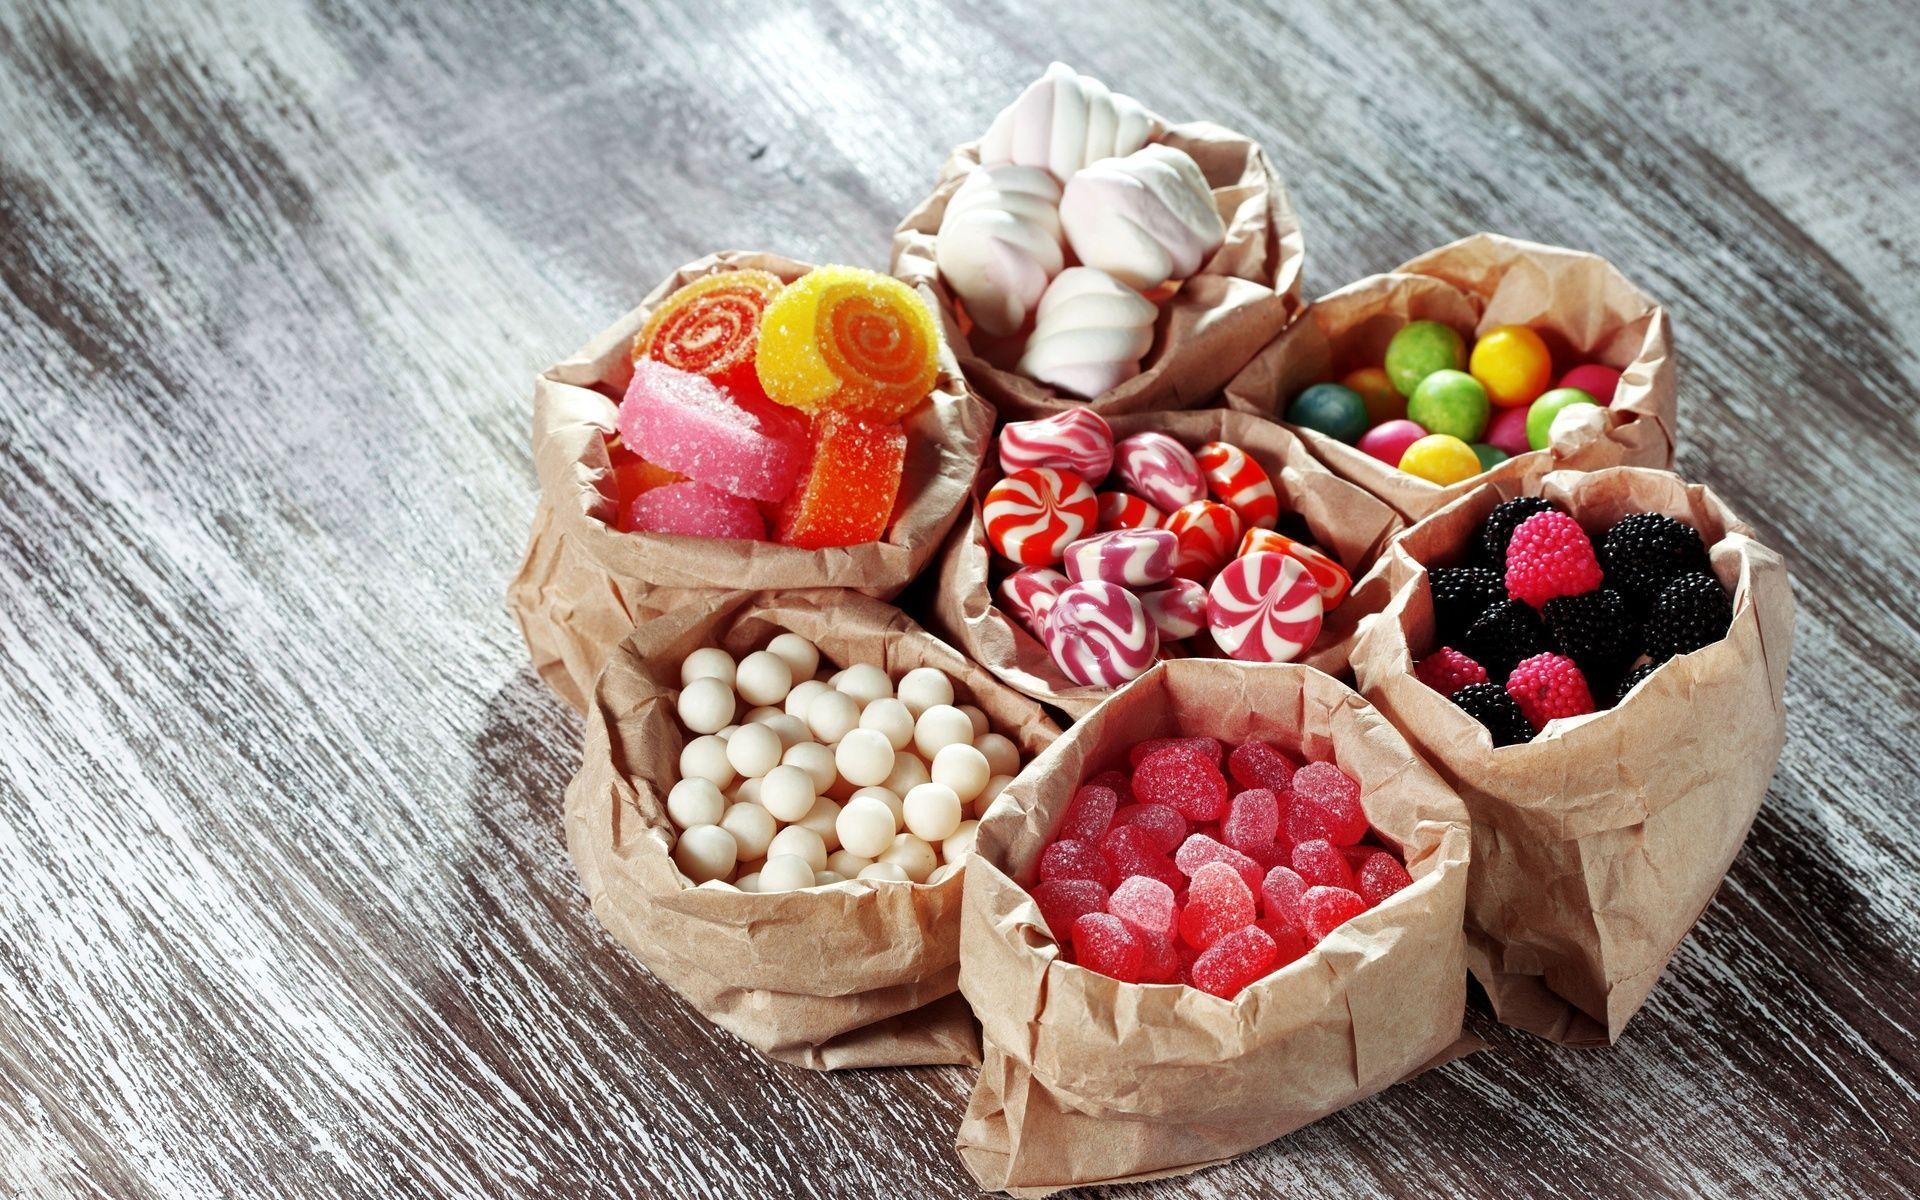 Что можно съесть сладкое но не калорийное